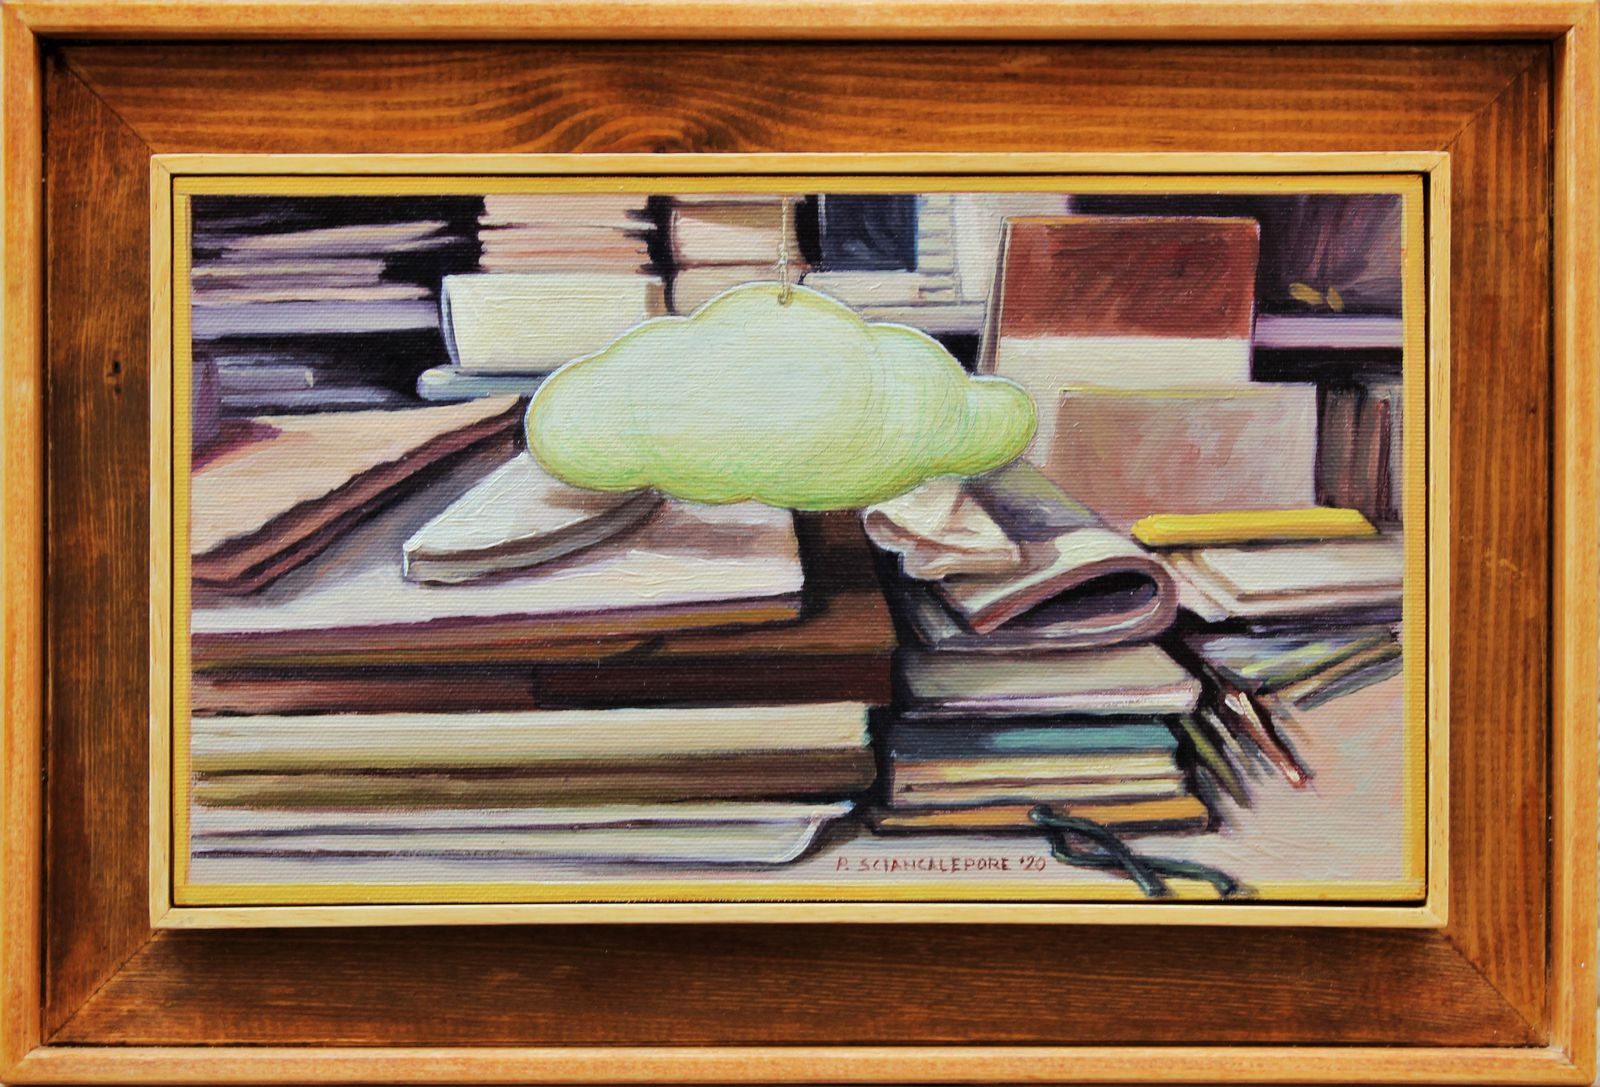 Sogni di carta, olio su tela (17,5x30) - 2020